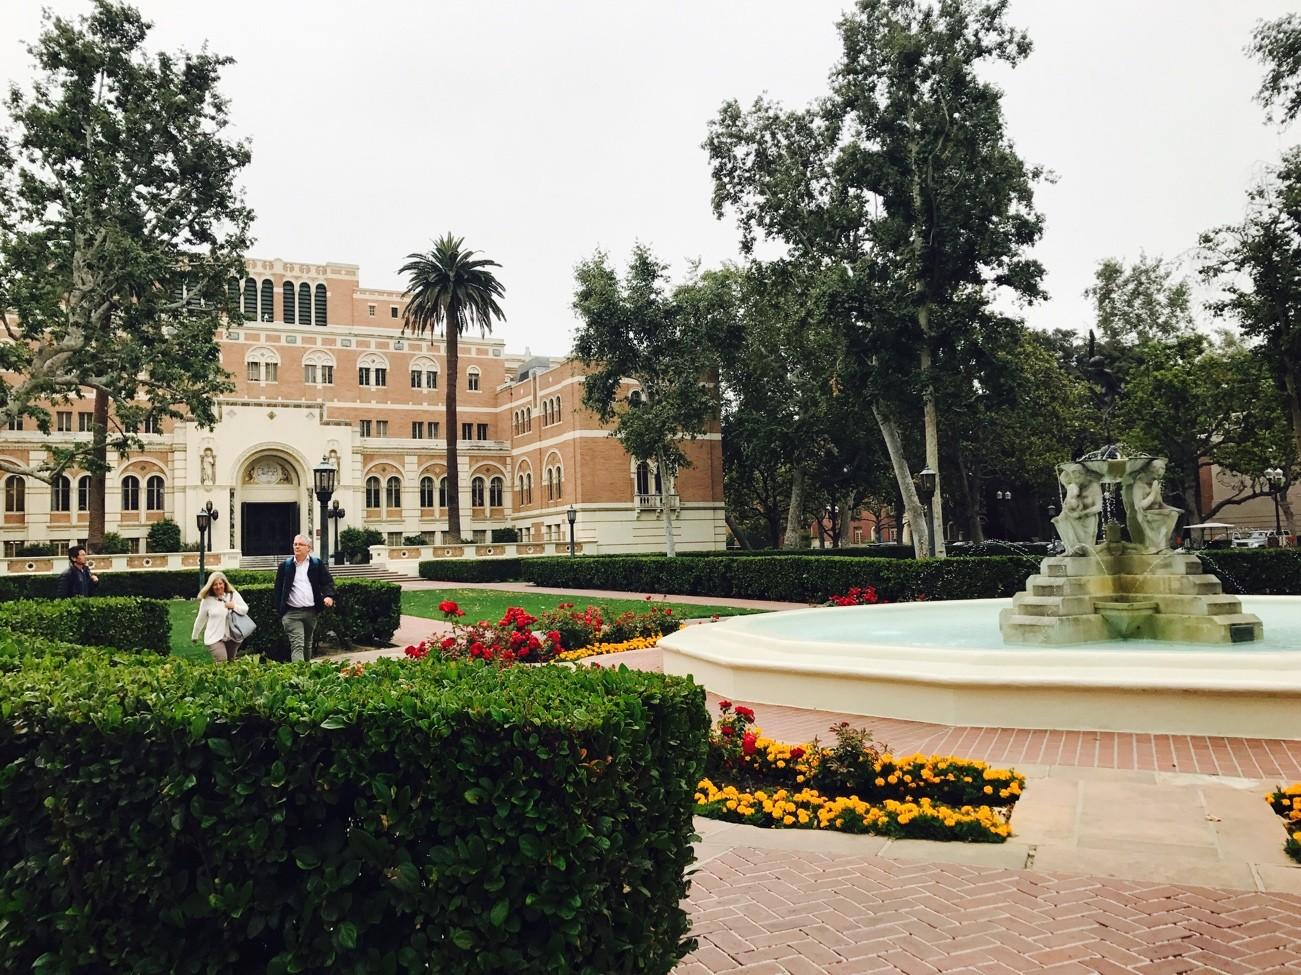 南加州大学 USC, Los Angeles, California-美国加州洛杉矶SAT考场测评-TestDaily厚朴优学